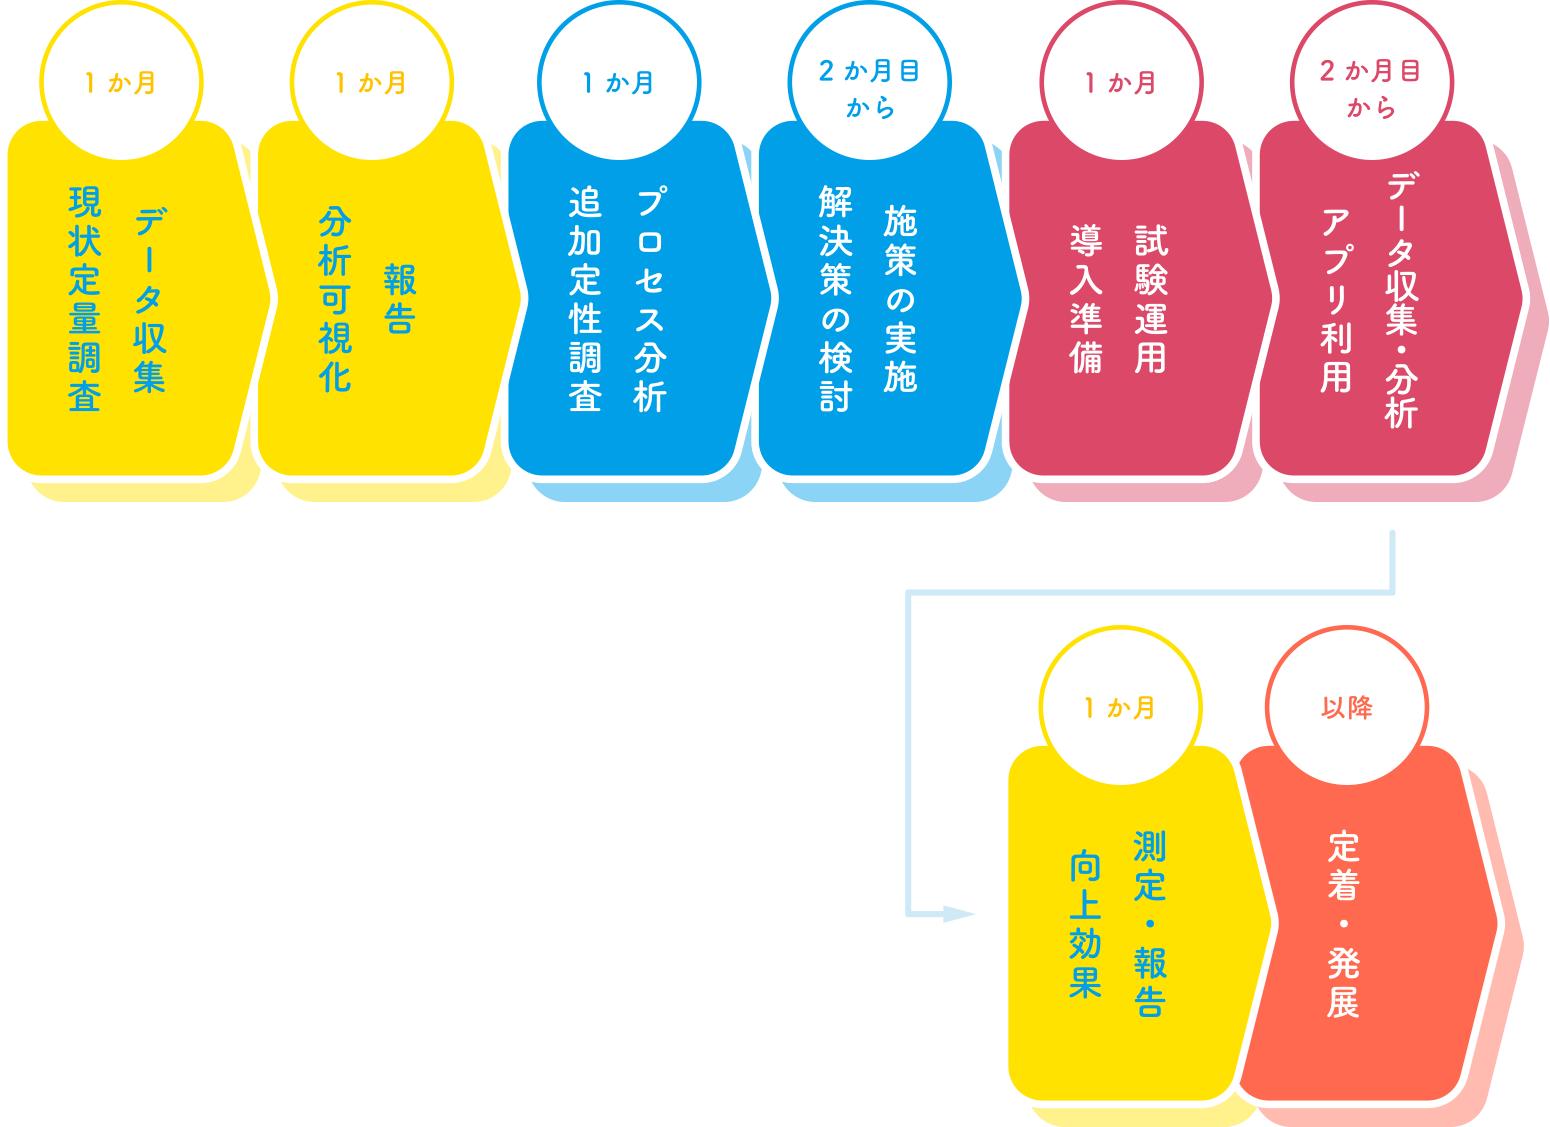 C.調査+コンサル+アプリコース流れ